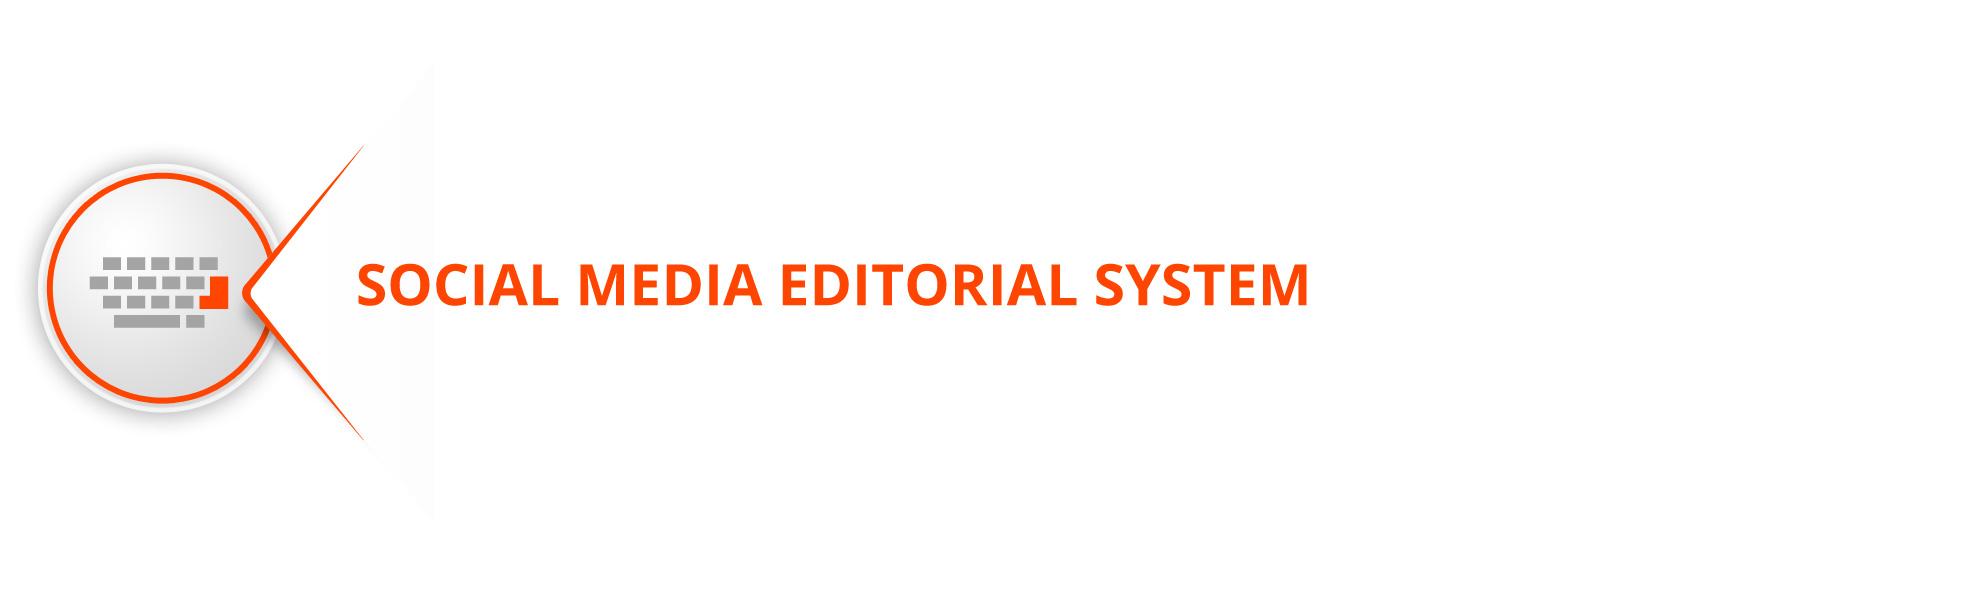 social-media-editorial-system-azobit